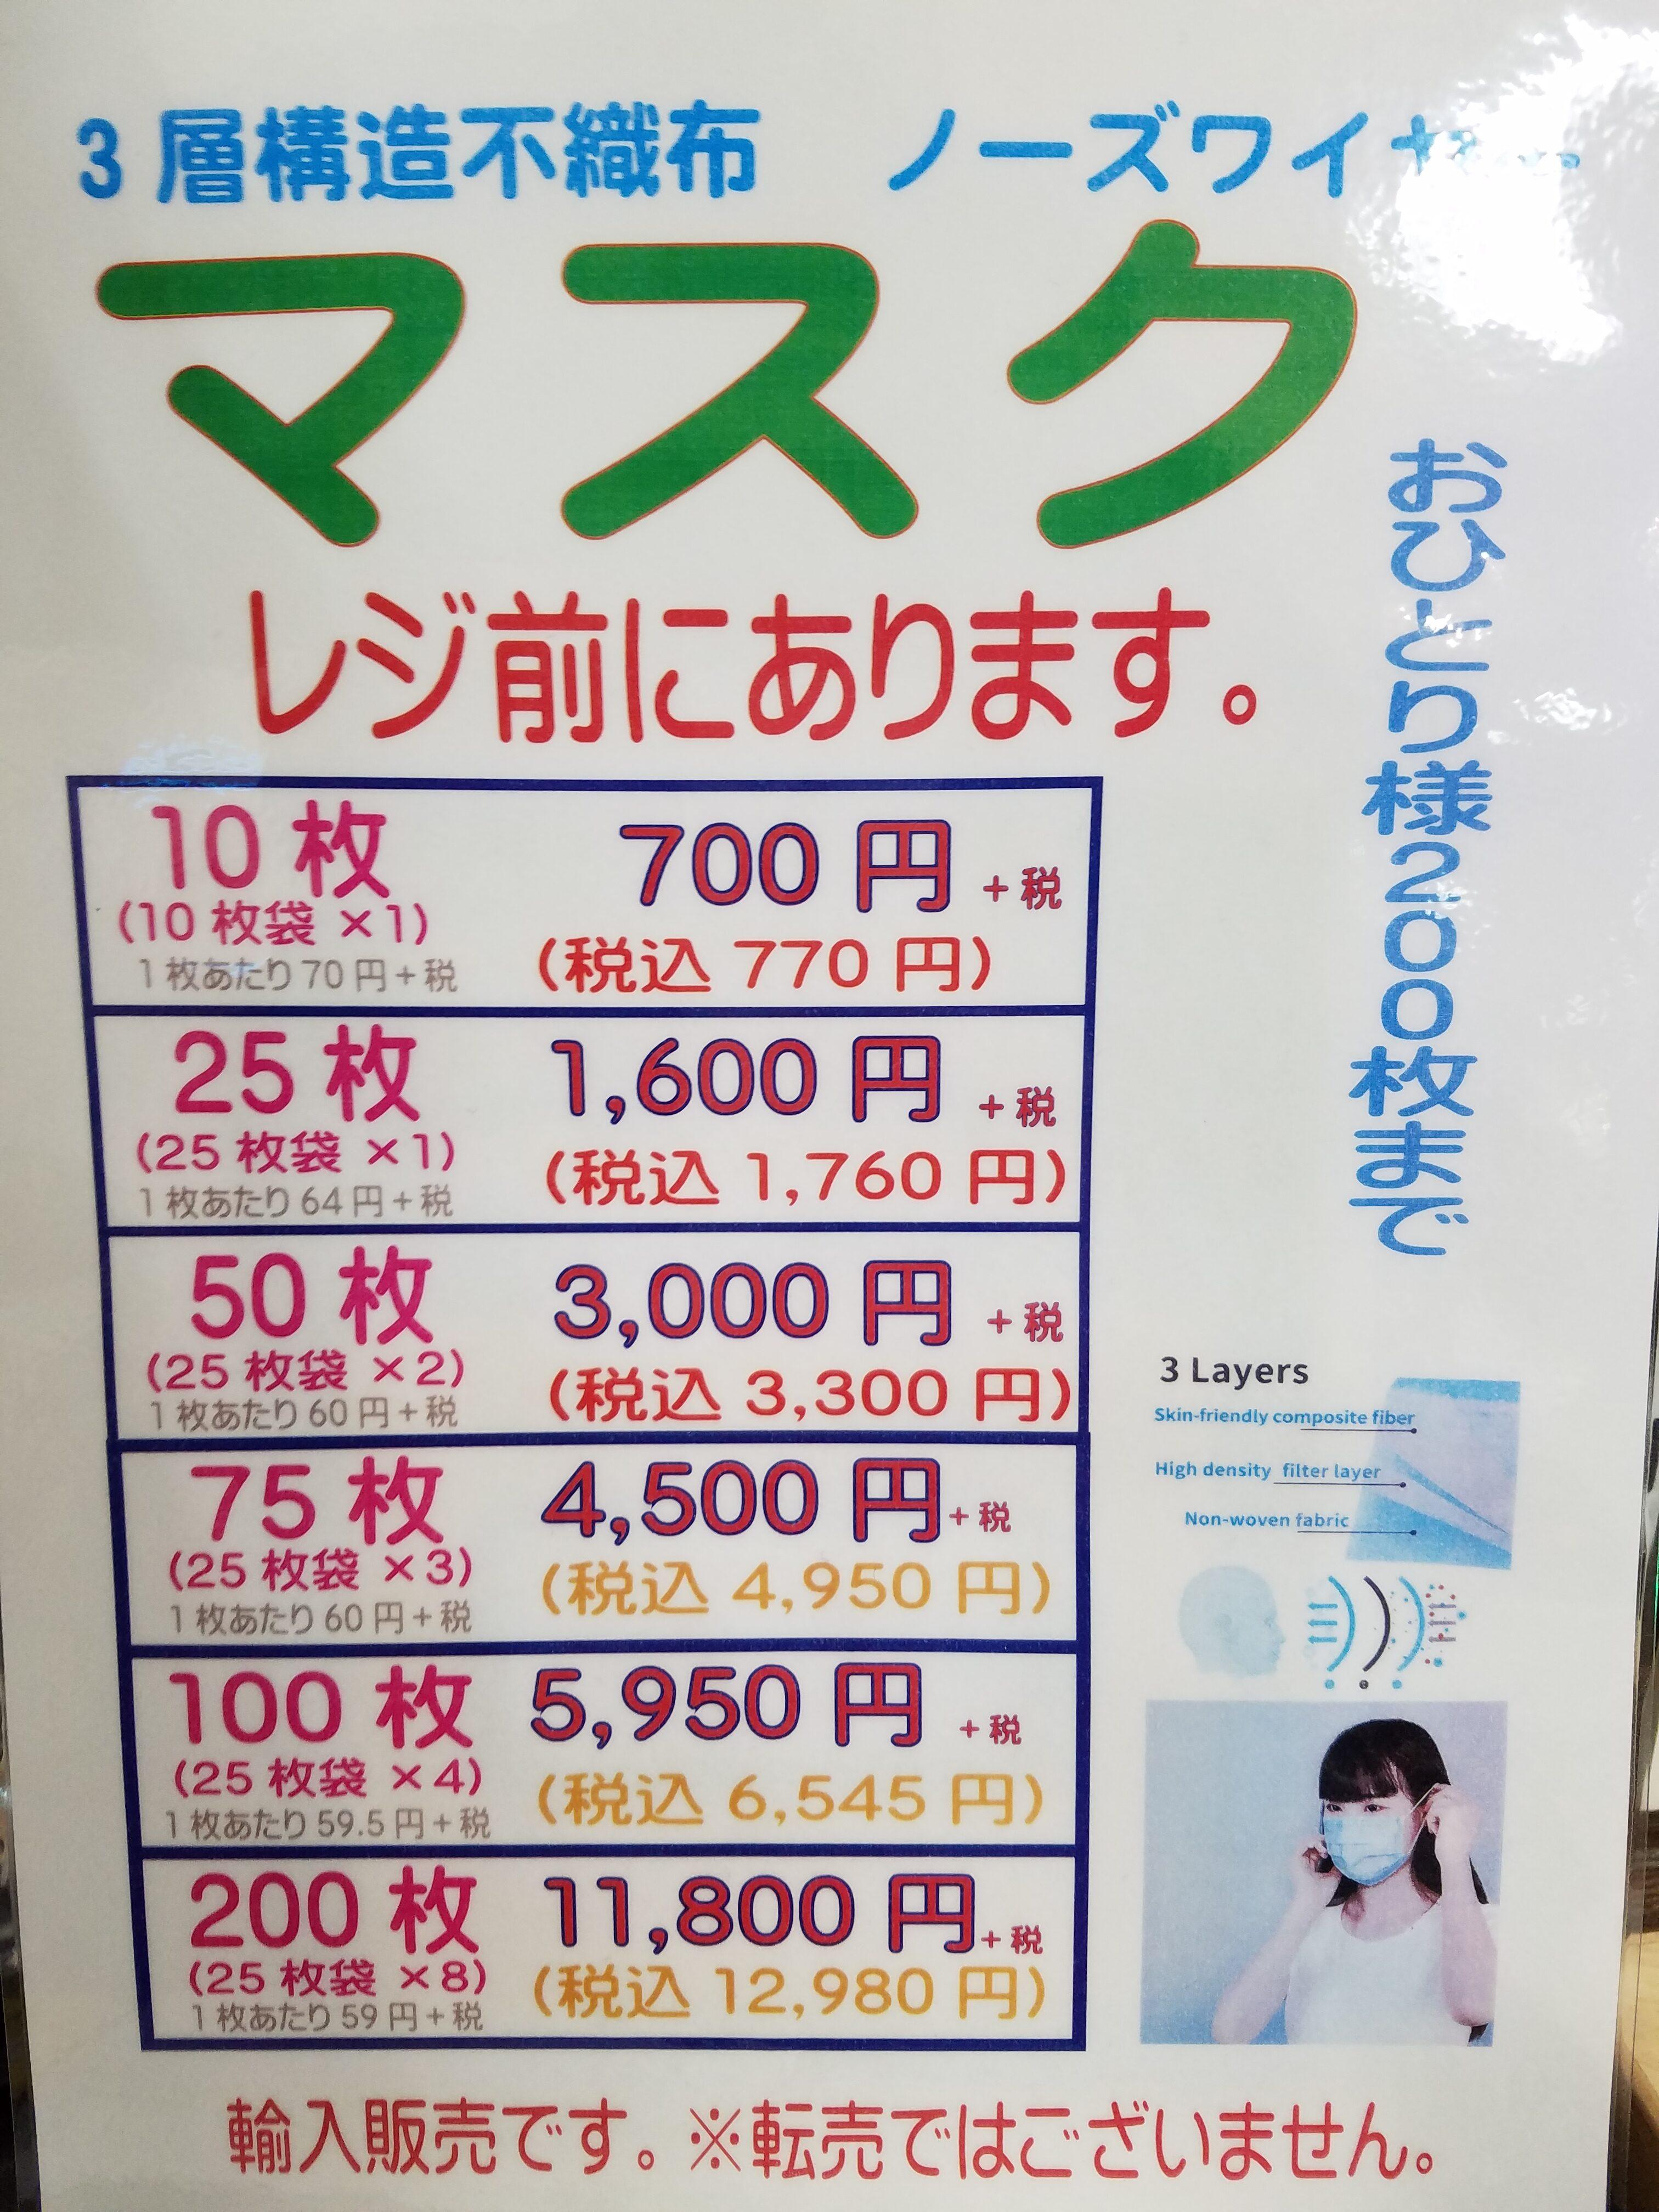 JURIP/モバイル修理.jp マスク販売中:イメージ